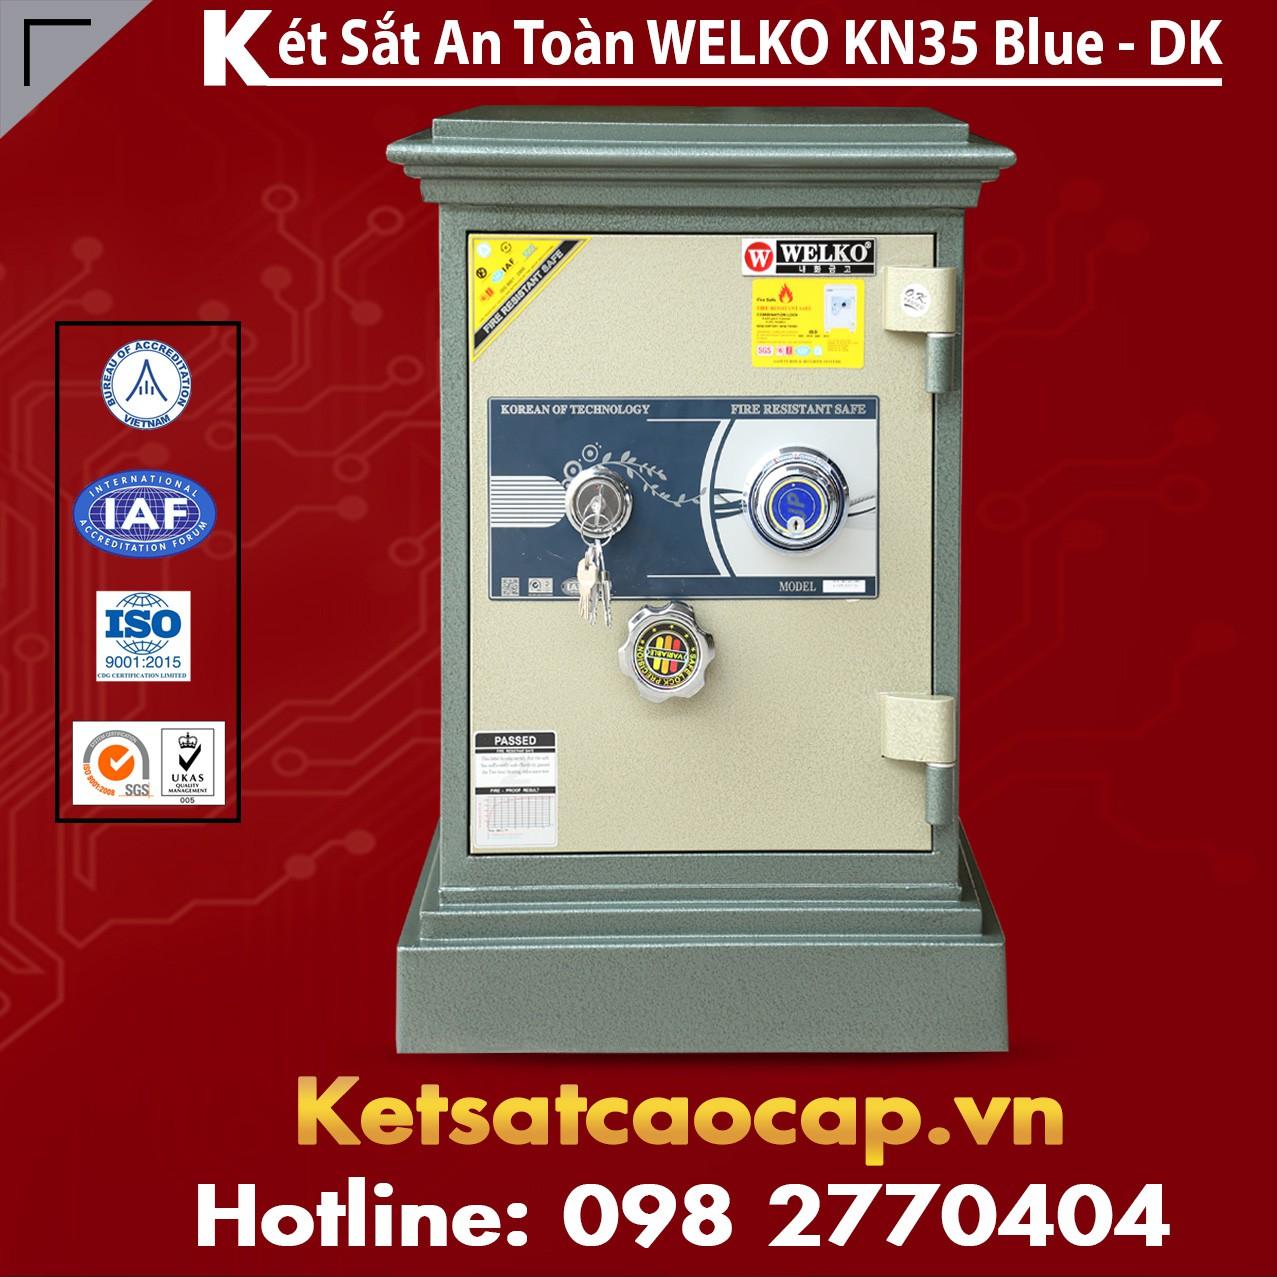 Két Sắt Thanh Hóa WELKO KN35 BLUE - DK